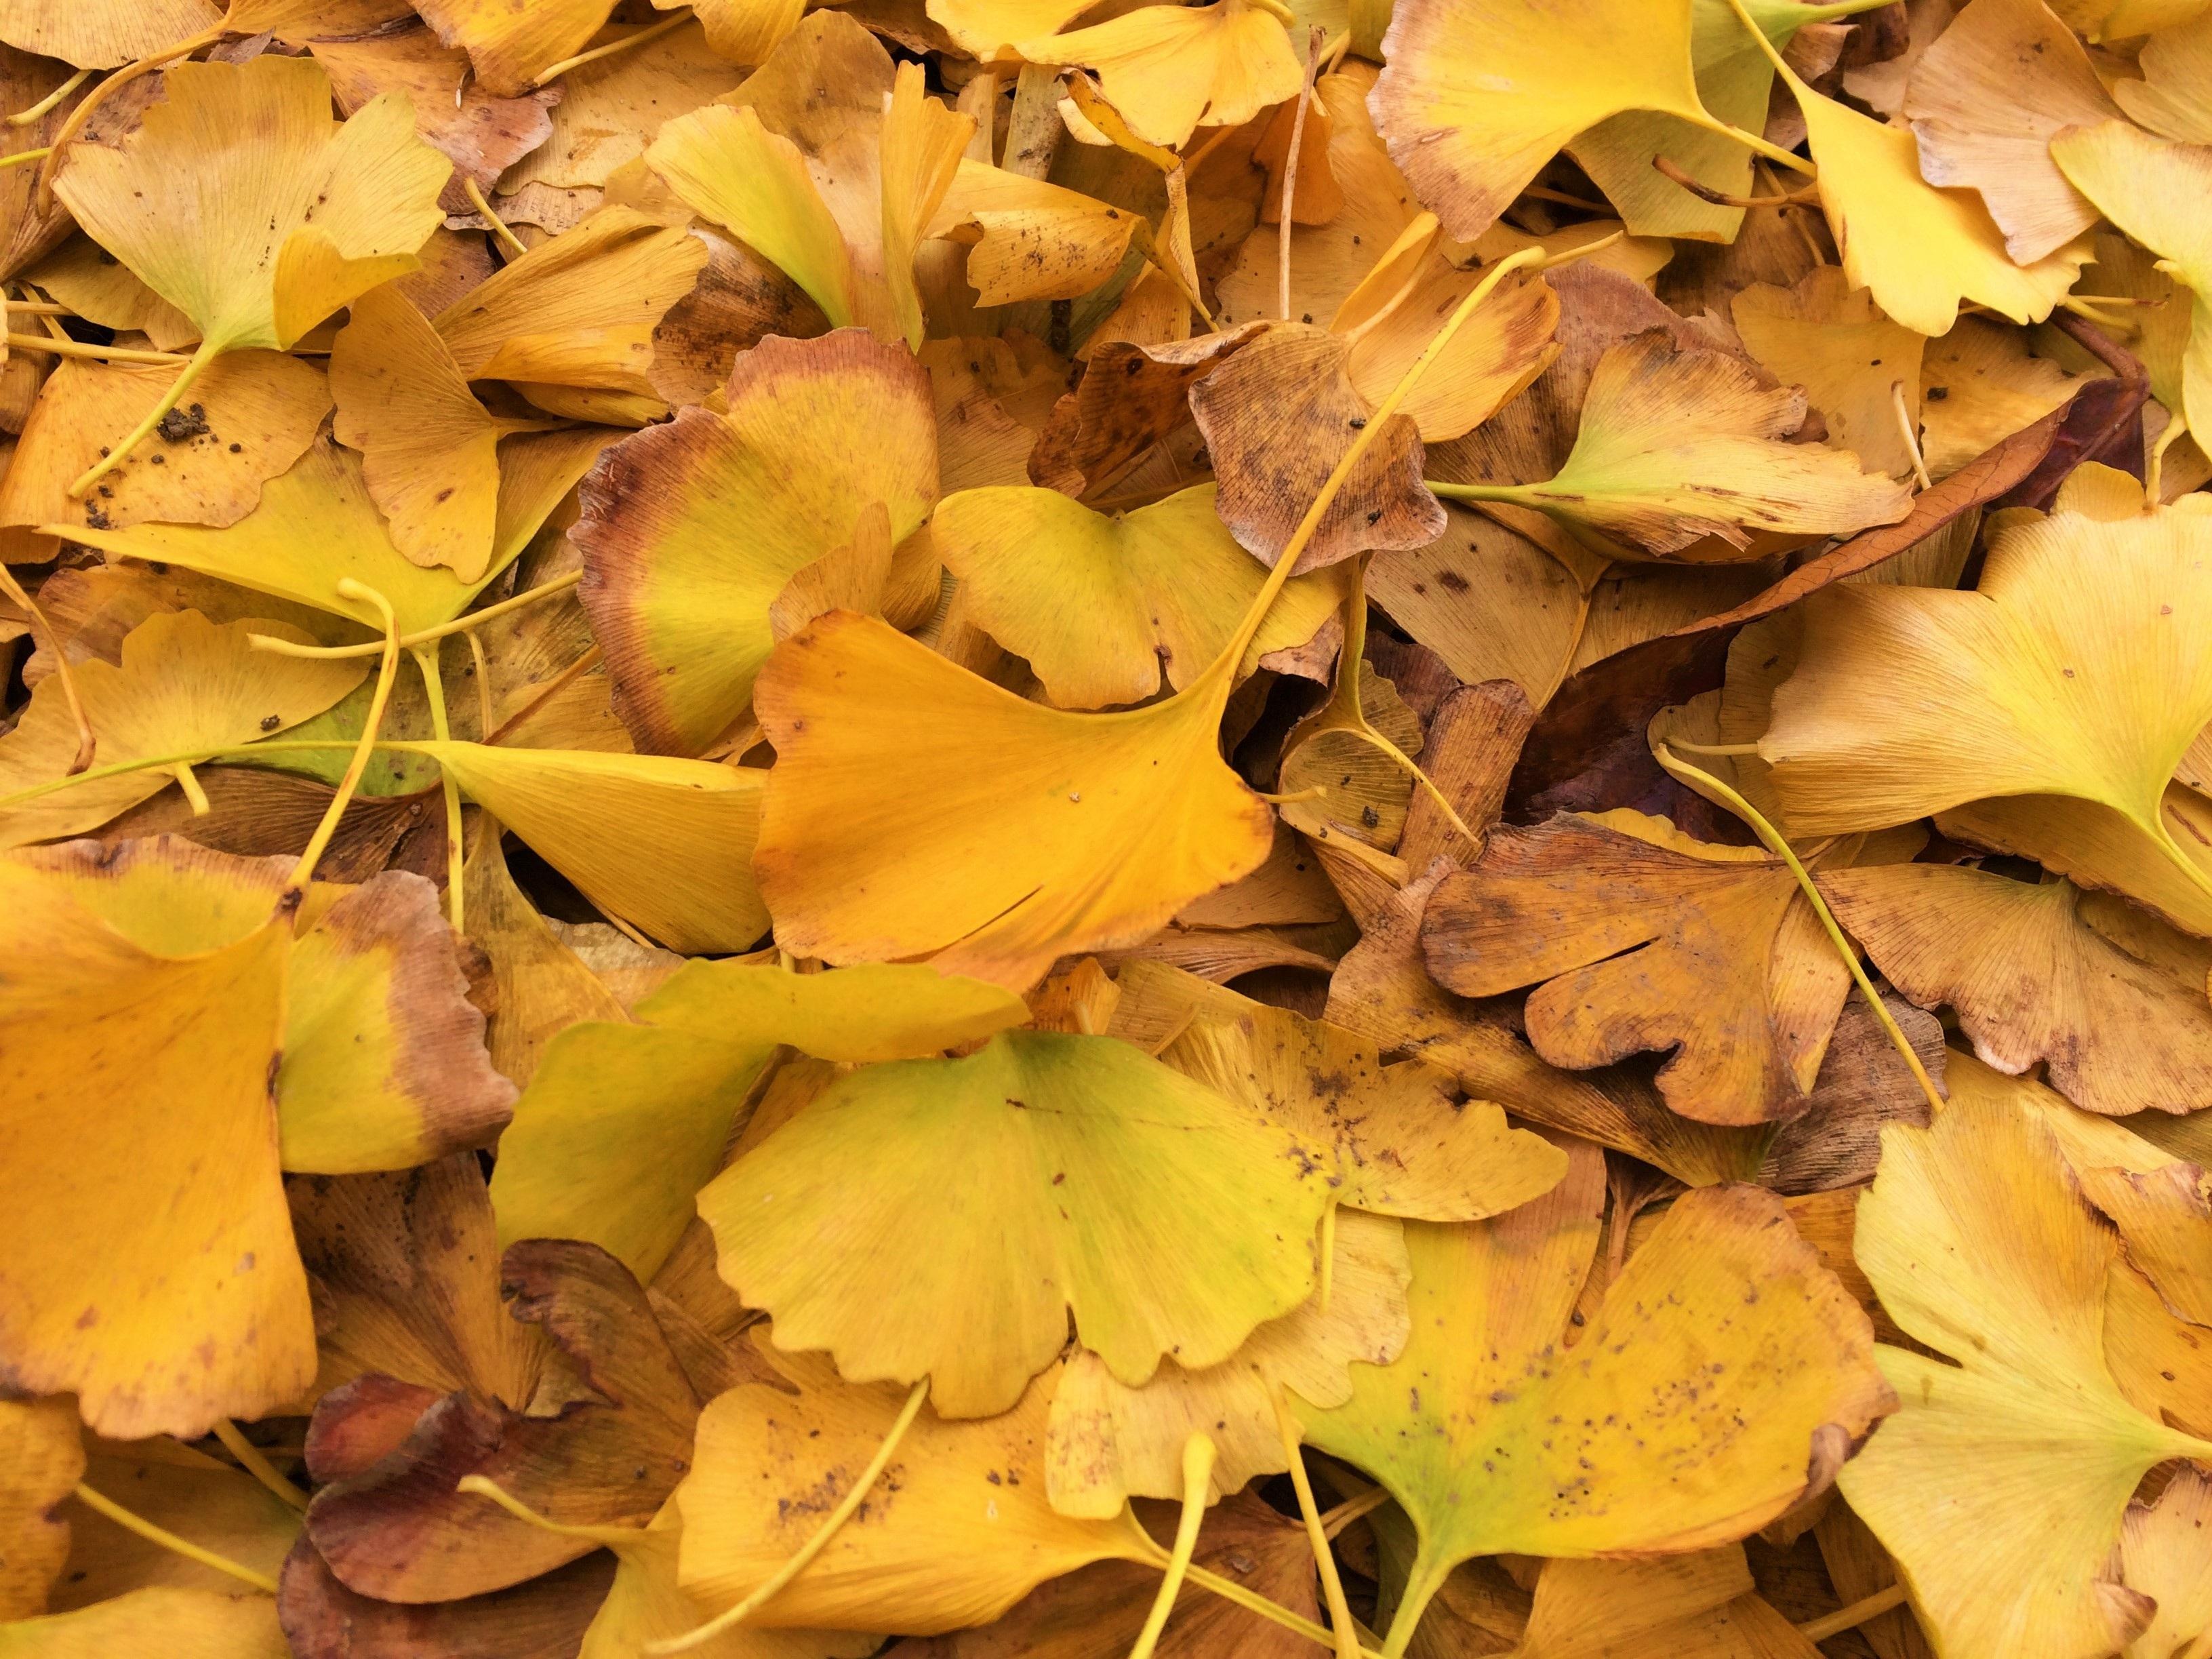 содержательная, учитываются деревья с опавшей листвой картинки смех улыбки